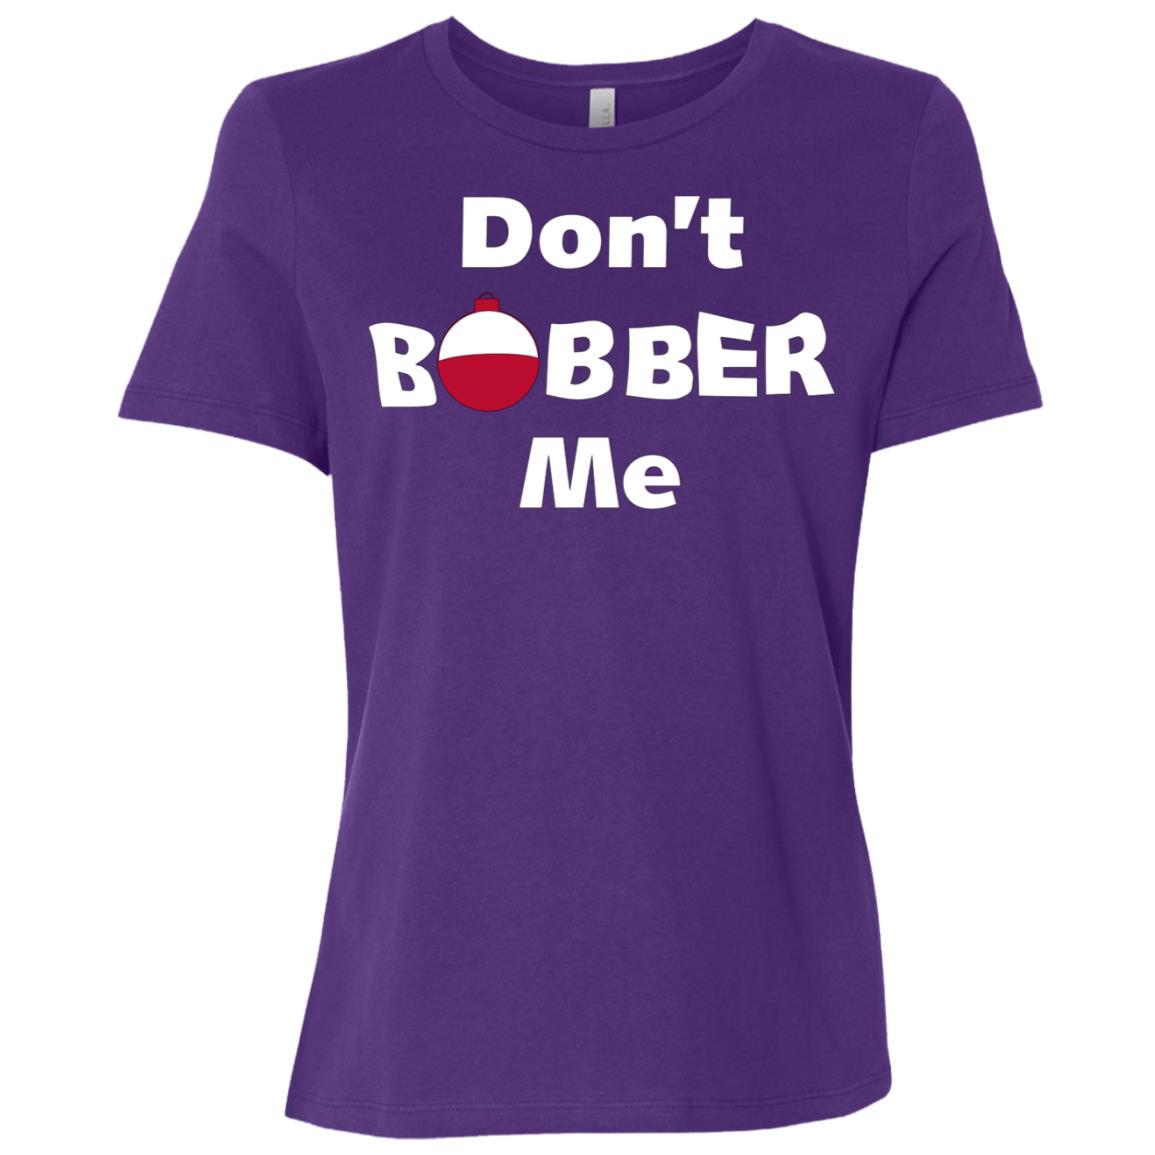 Don't Bobber Me Funny Fish Fishing For Men Women Kid Women Short Sleeve T-Shirt